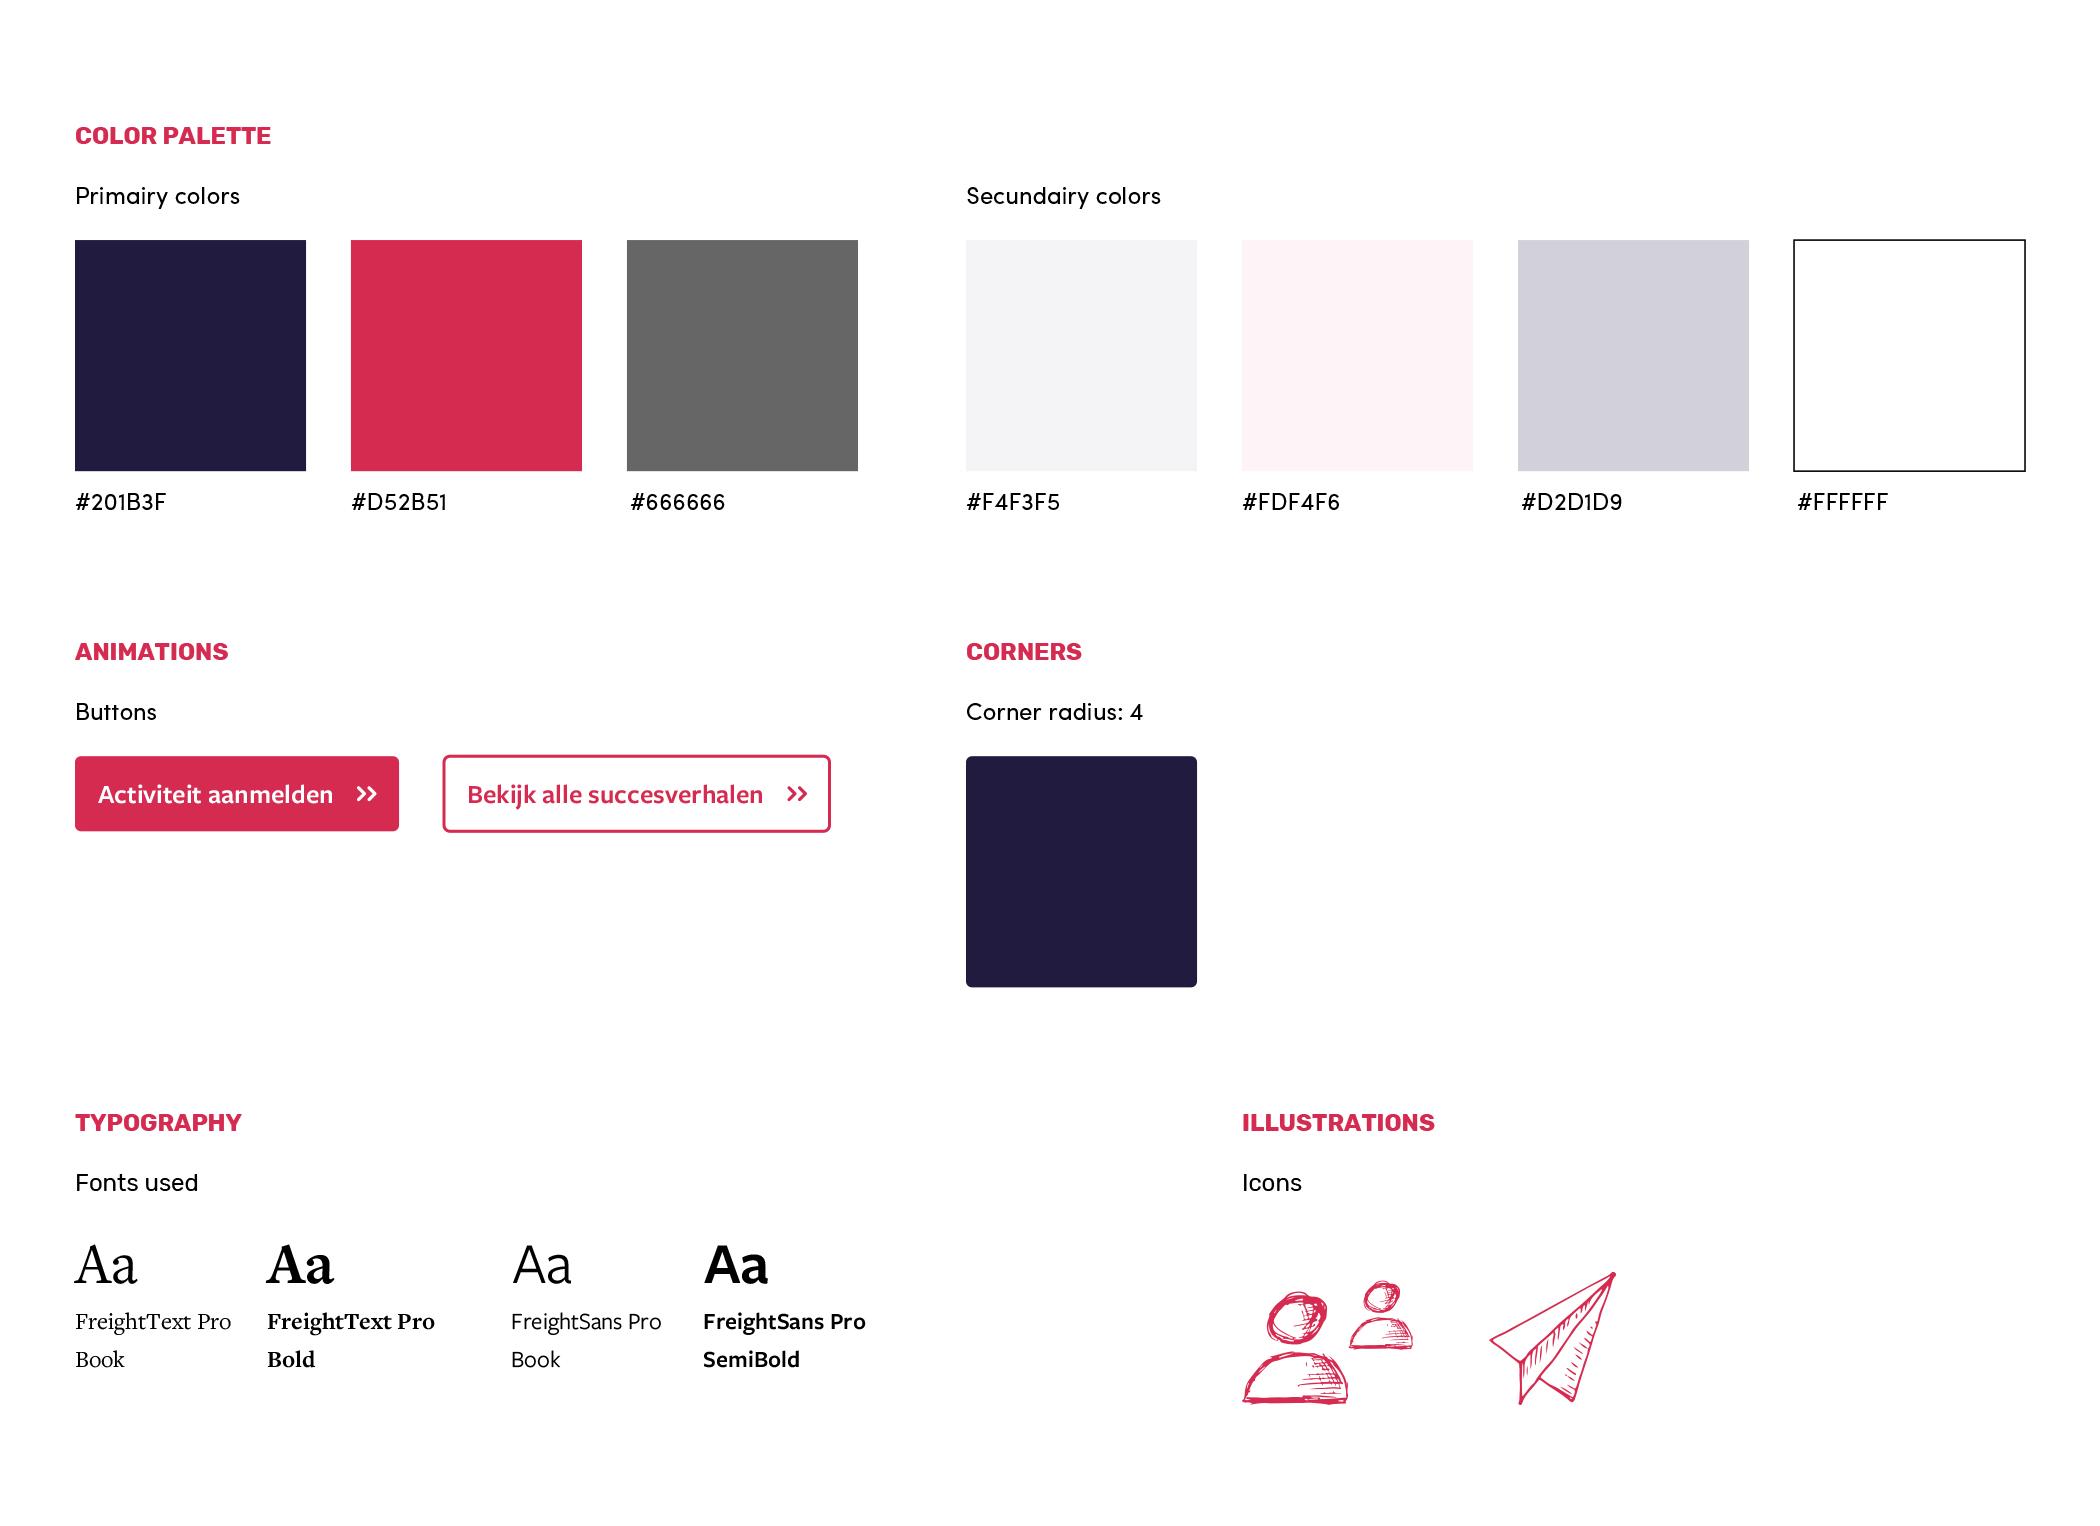 afbeelding ontwerp styleguide voor website ehealthweek, bevat kleuren, lettertypes, iconen en knoppen